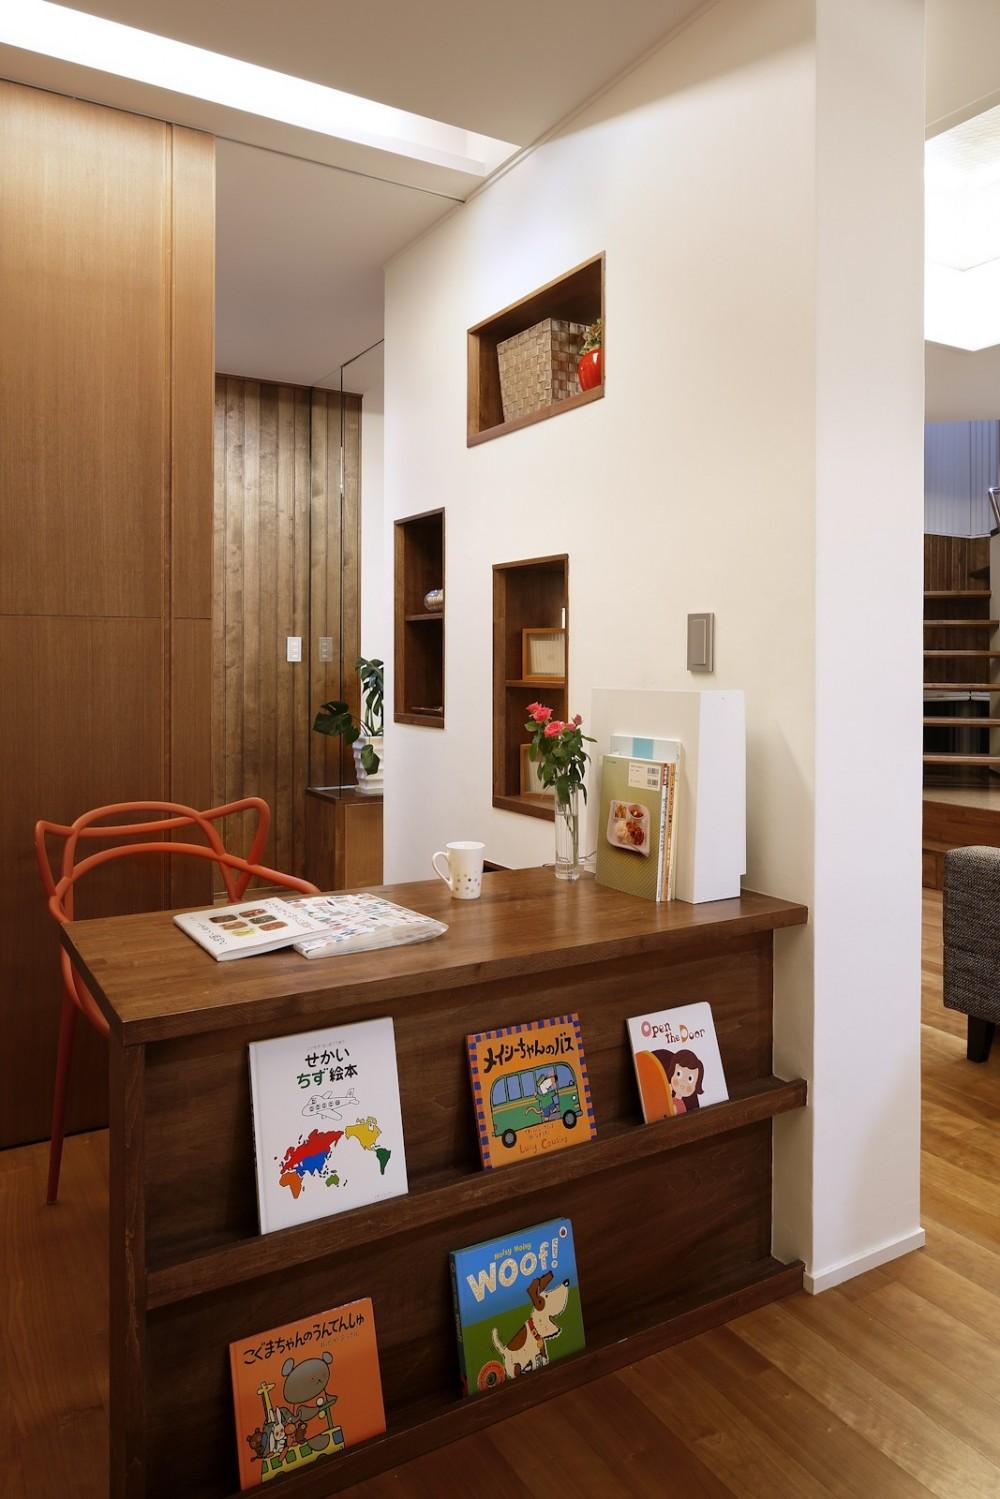 仕事場のある家|あなたの場所・自分の居場所を創る|キッチンとの関係性を良好に家事コーナーのコミュニティ (仕事場と絵本ラック)